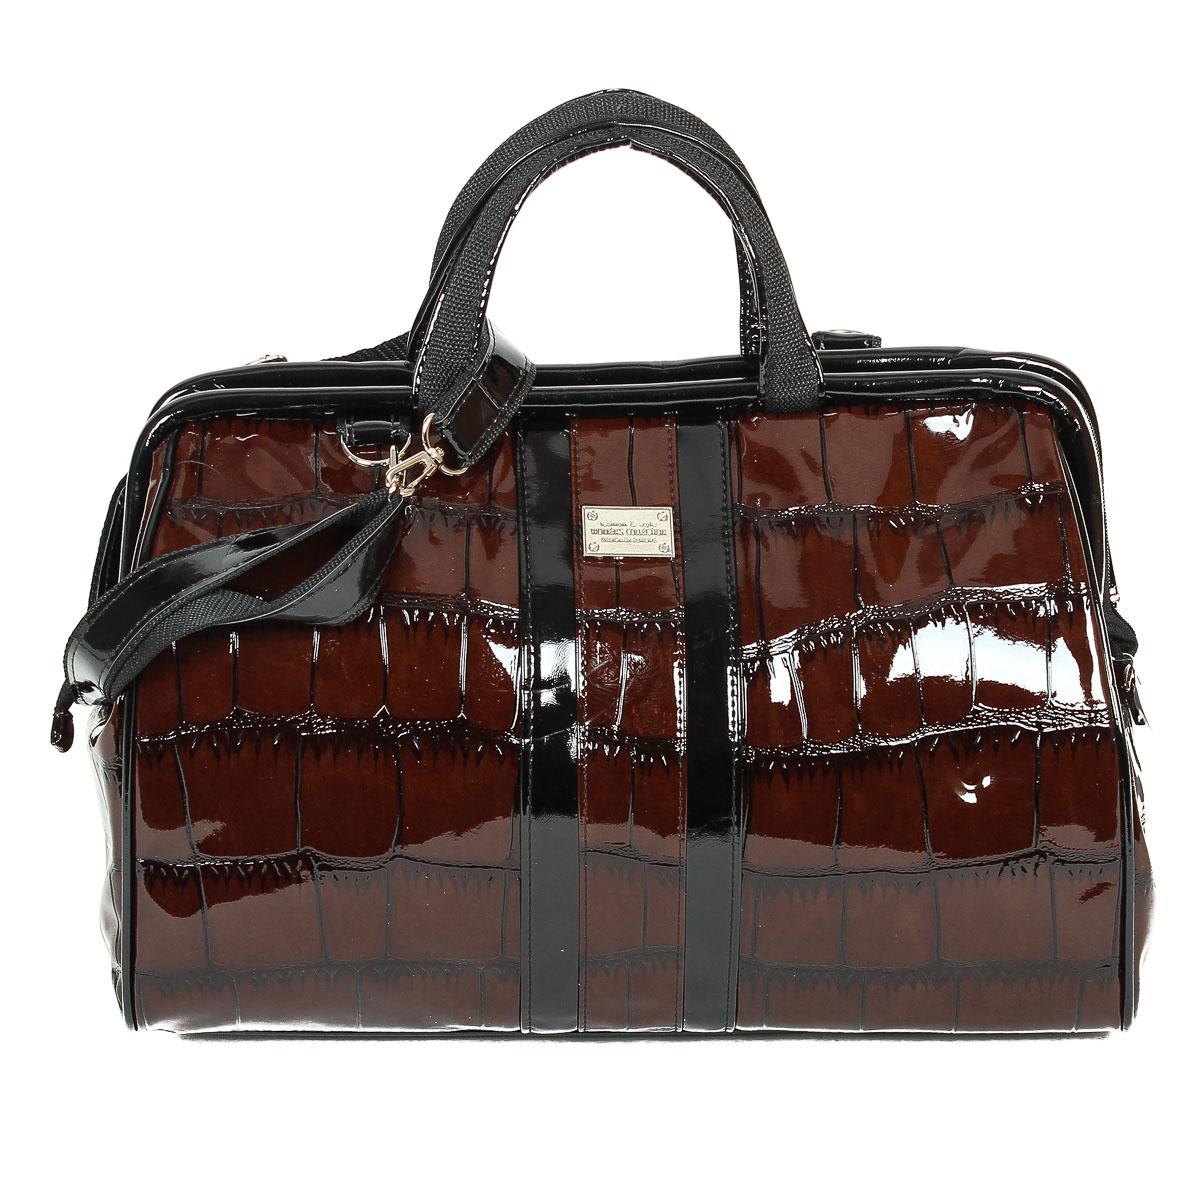 Сумка женская Zemsa, цвет: темно-коричневый. 3-1213-121Оригинальная женская сумка Zemsa выполненная из искусственной кожи с декоративным тиснением под рептилию, оформлена металлической пластинкой. Изделие закрывается на удобную застежку-молнию с двумя бегунками. Внутри - одно вместительное отделение, накладной карманчик для мелочей и накладной карманчик на застежке-молнии. Задняя сторона сумки дополнена втачным карманом на застежке-молнии. К сумке прилагается съемный плечевой ремень, длина которого регулируется. Дно дополнено пластиковыми ножками, защищающими изделие от повреждений. Роскошная сумка внесет элегантные нотки в ваш образ и подчеркнет ваше отменное чувство стиля.